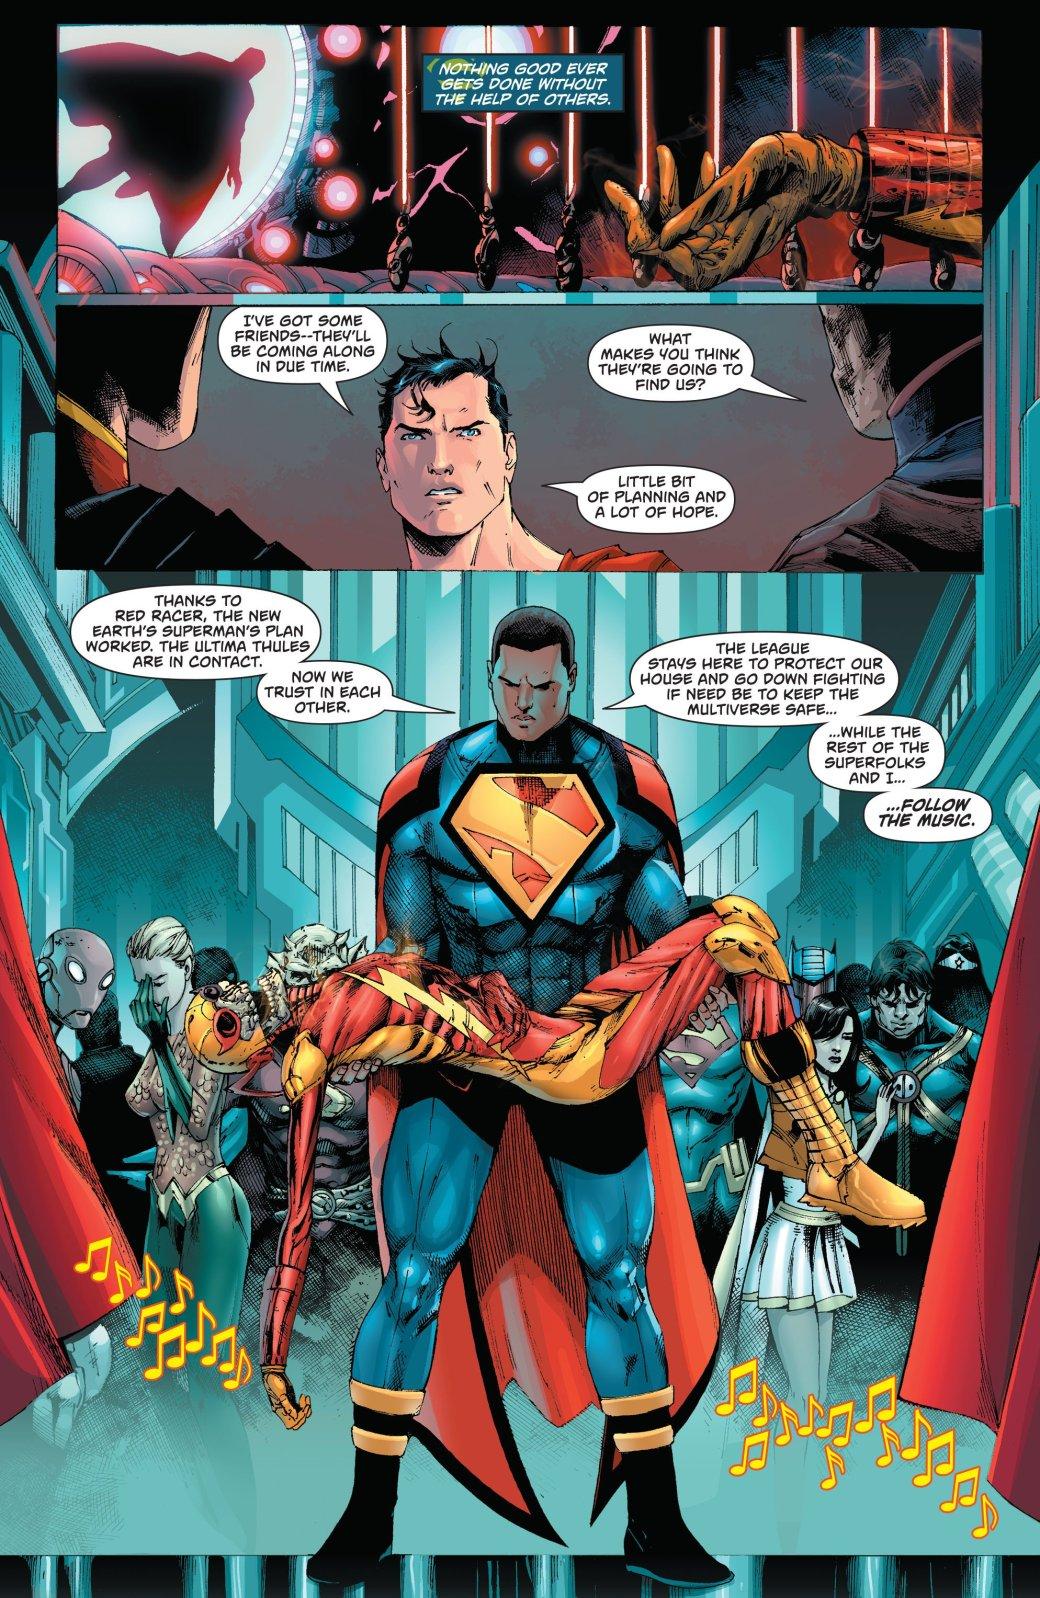 Совместное приключение Суперменов из разных вселенных подошло к концу | Канобу - Изображение 2